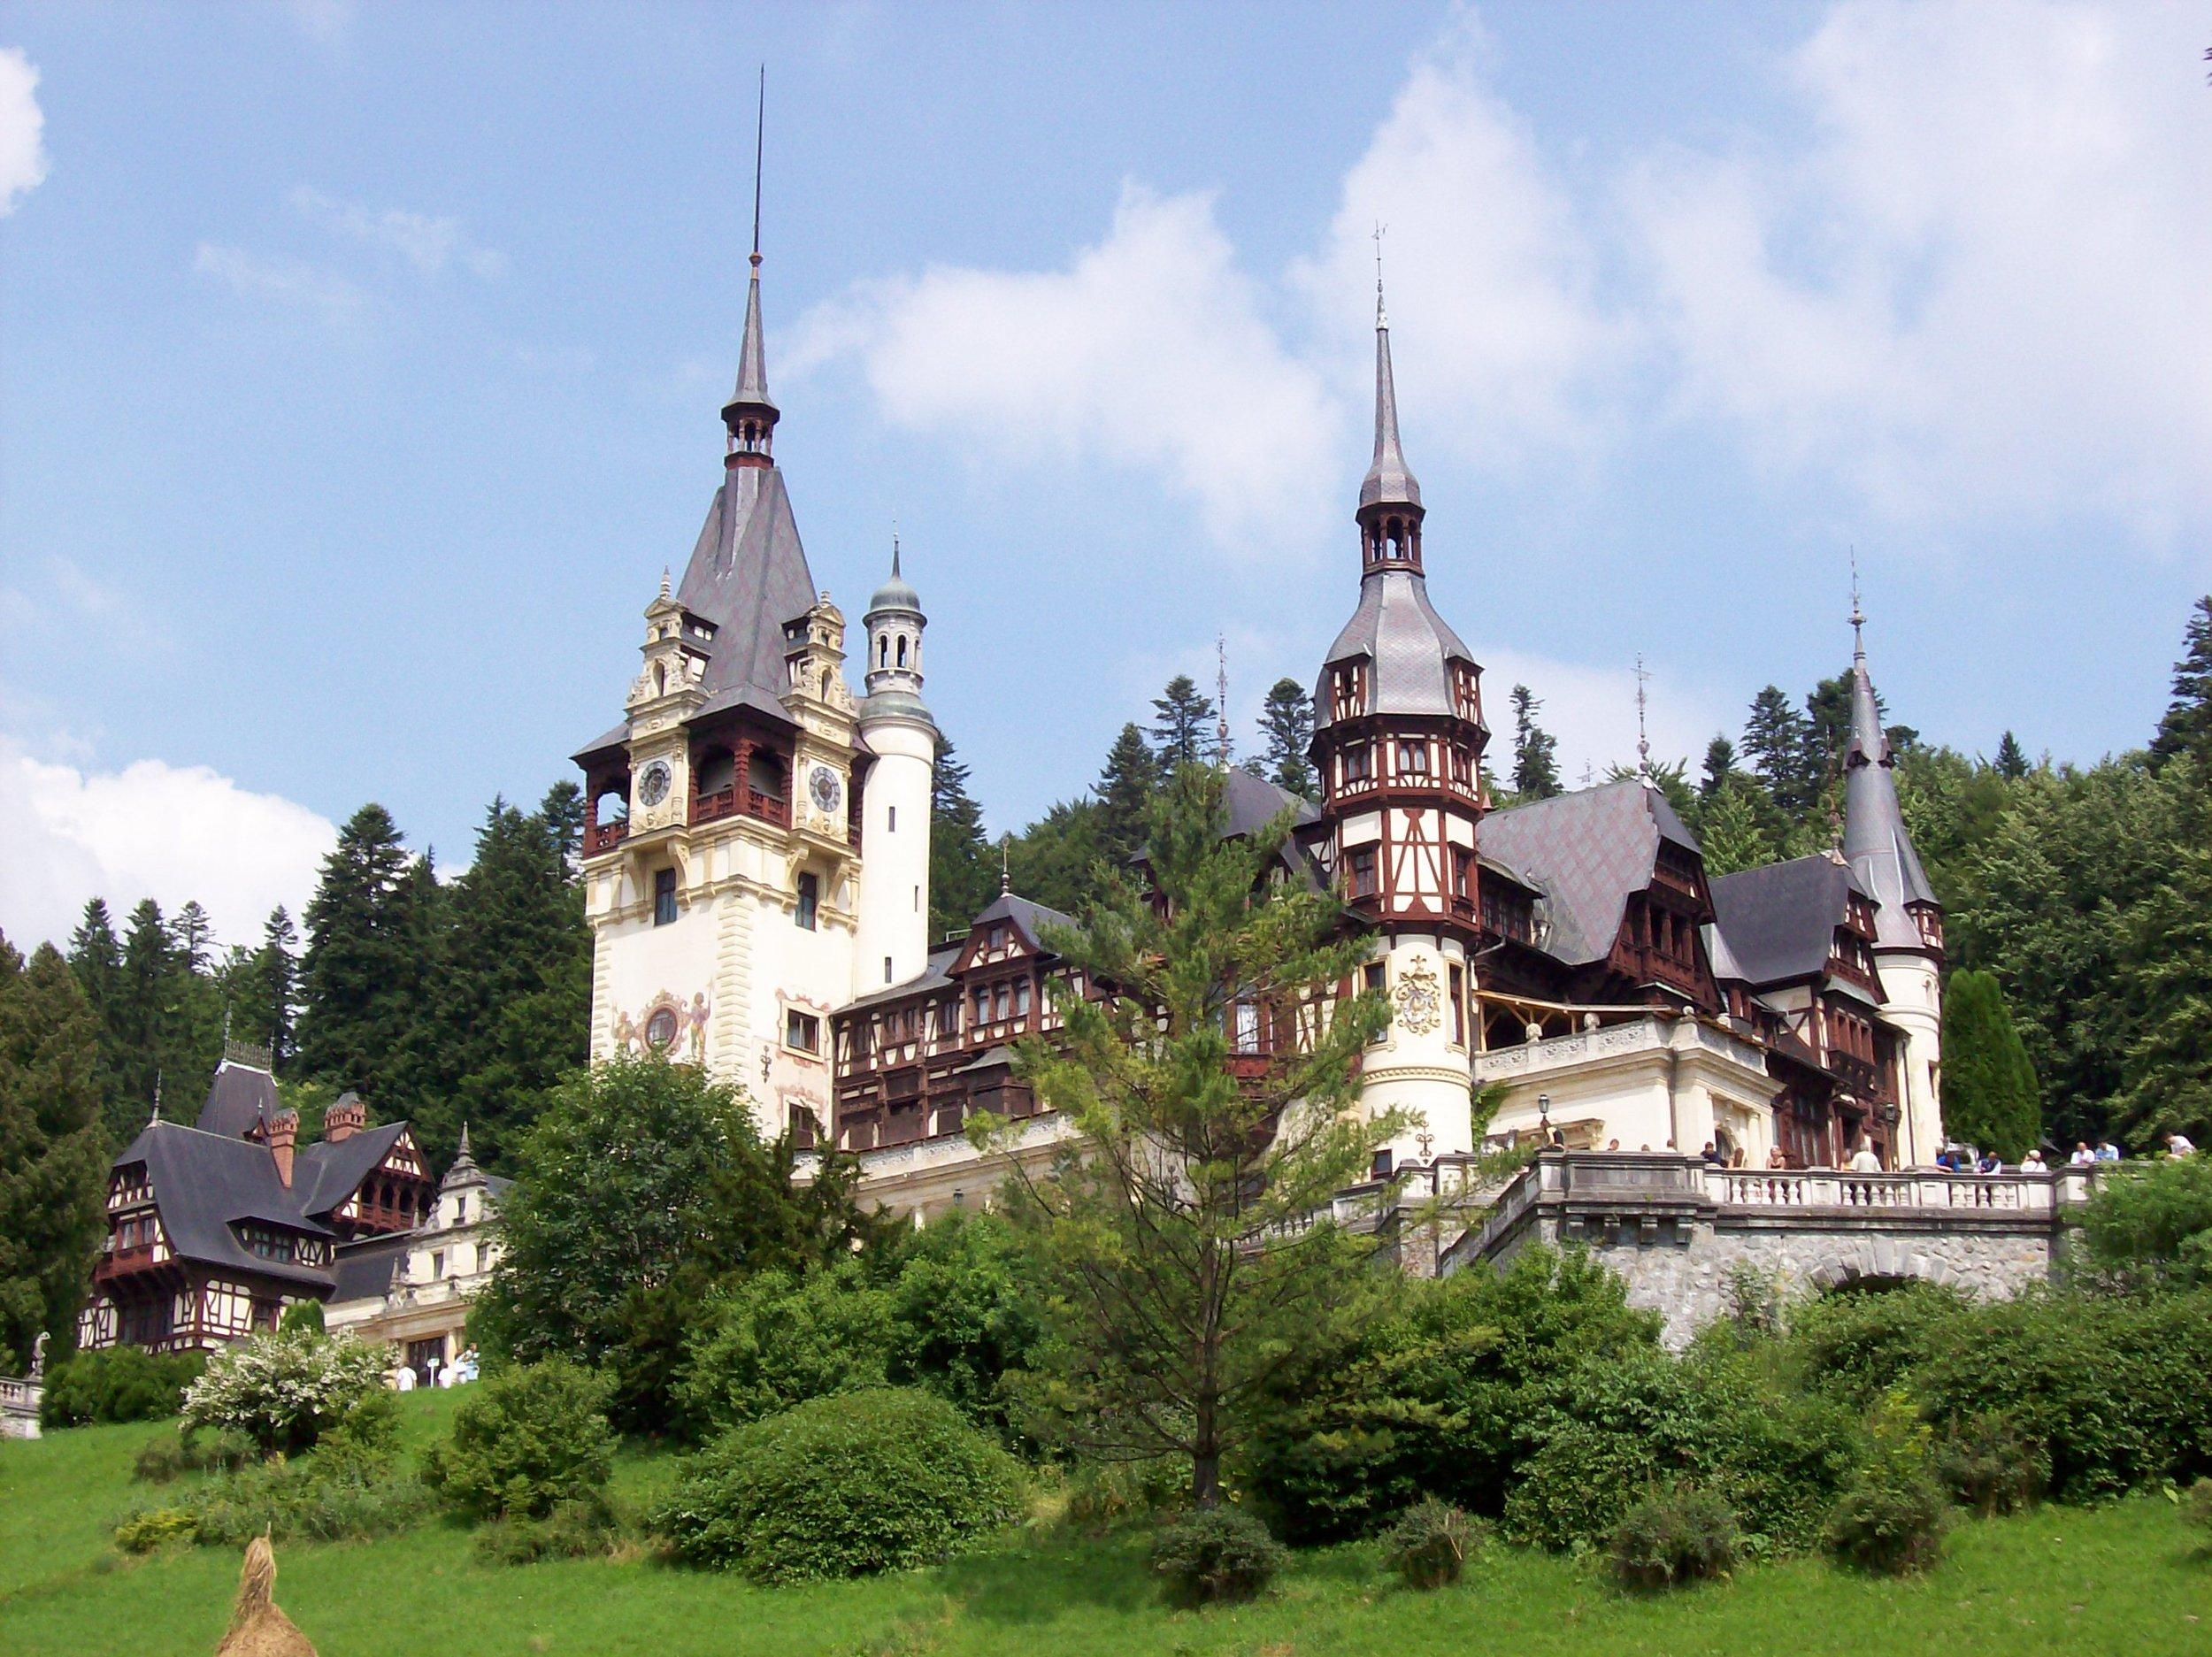 1947 wurde das Schloss Pele? vom kommunistischen Regime beschlagnahmt. Erst seit 2008 gehört es wieder der Königsfamilie. Es dient als Museum oder für Filmproduktionen    Foto: Gemeinfrei